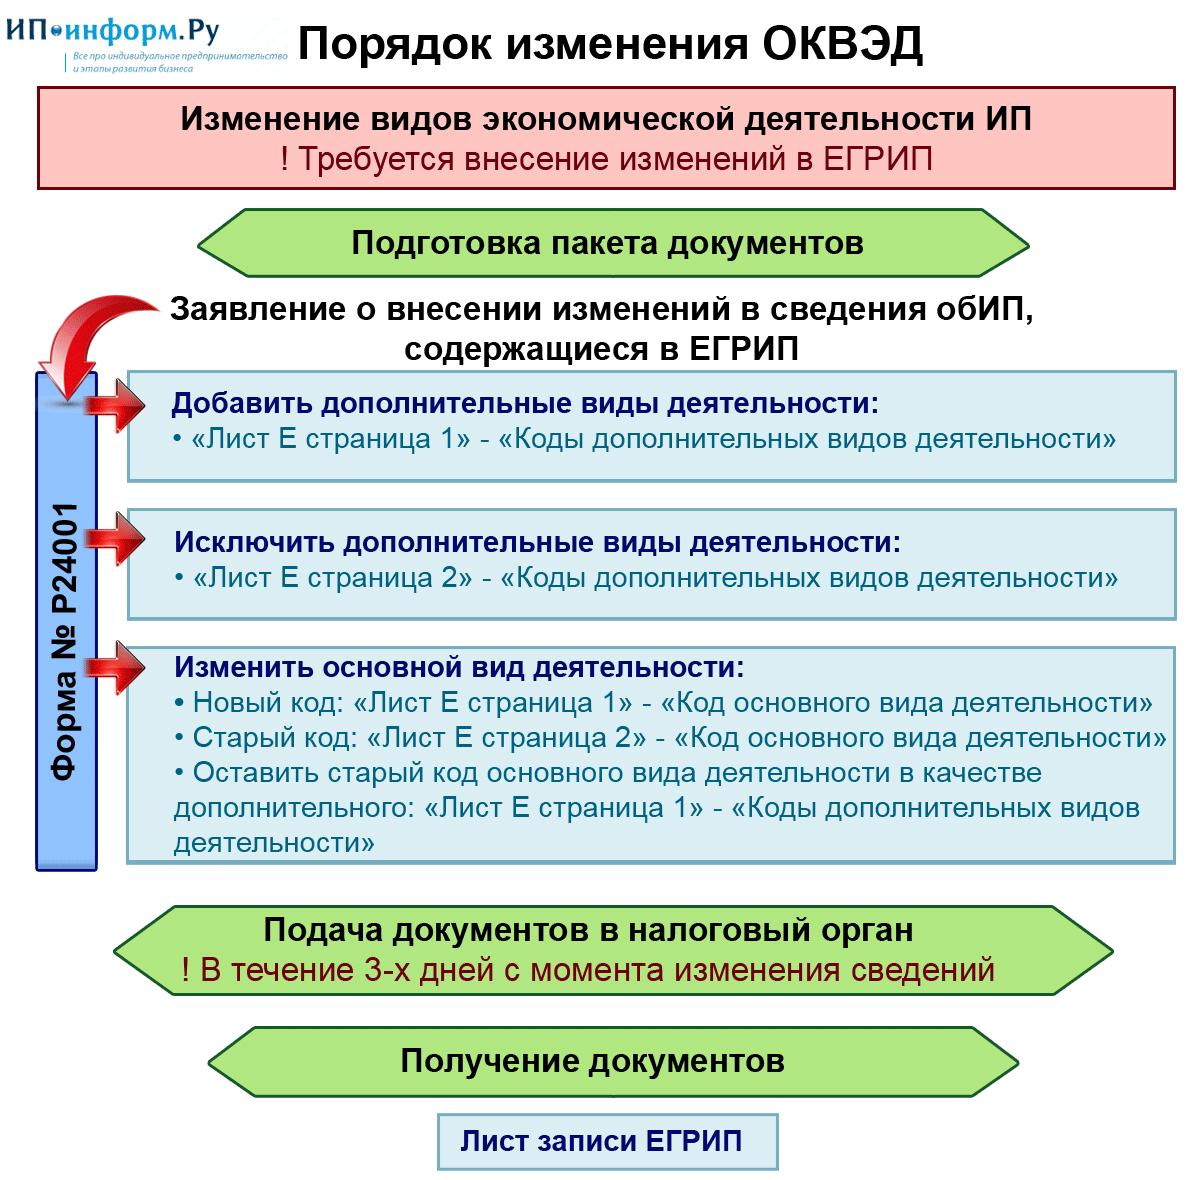 выбор вид деятельности при регистрации ип